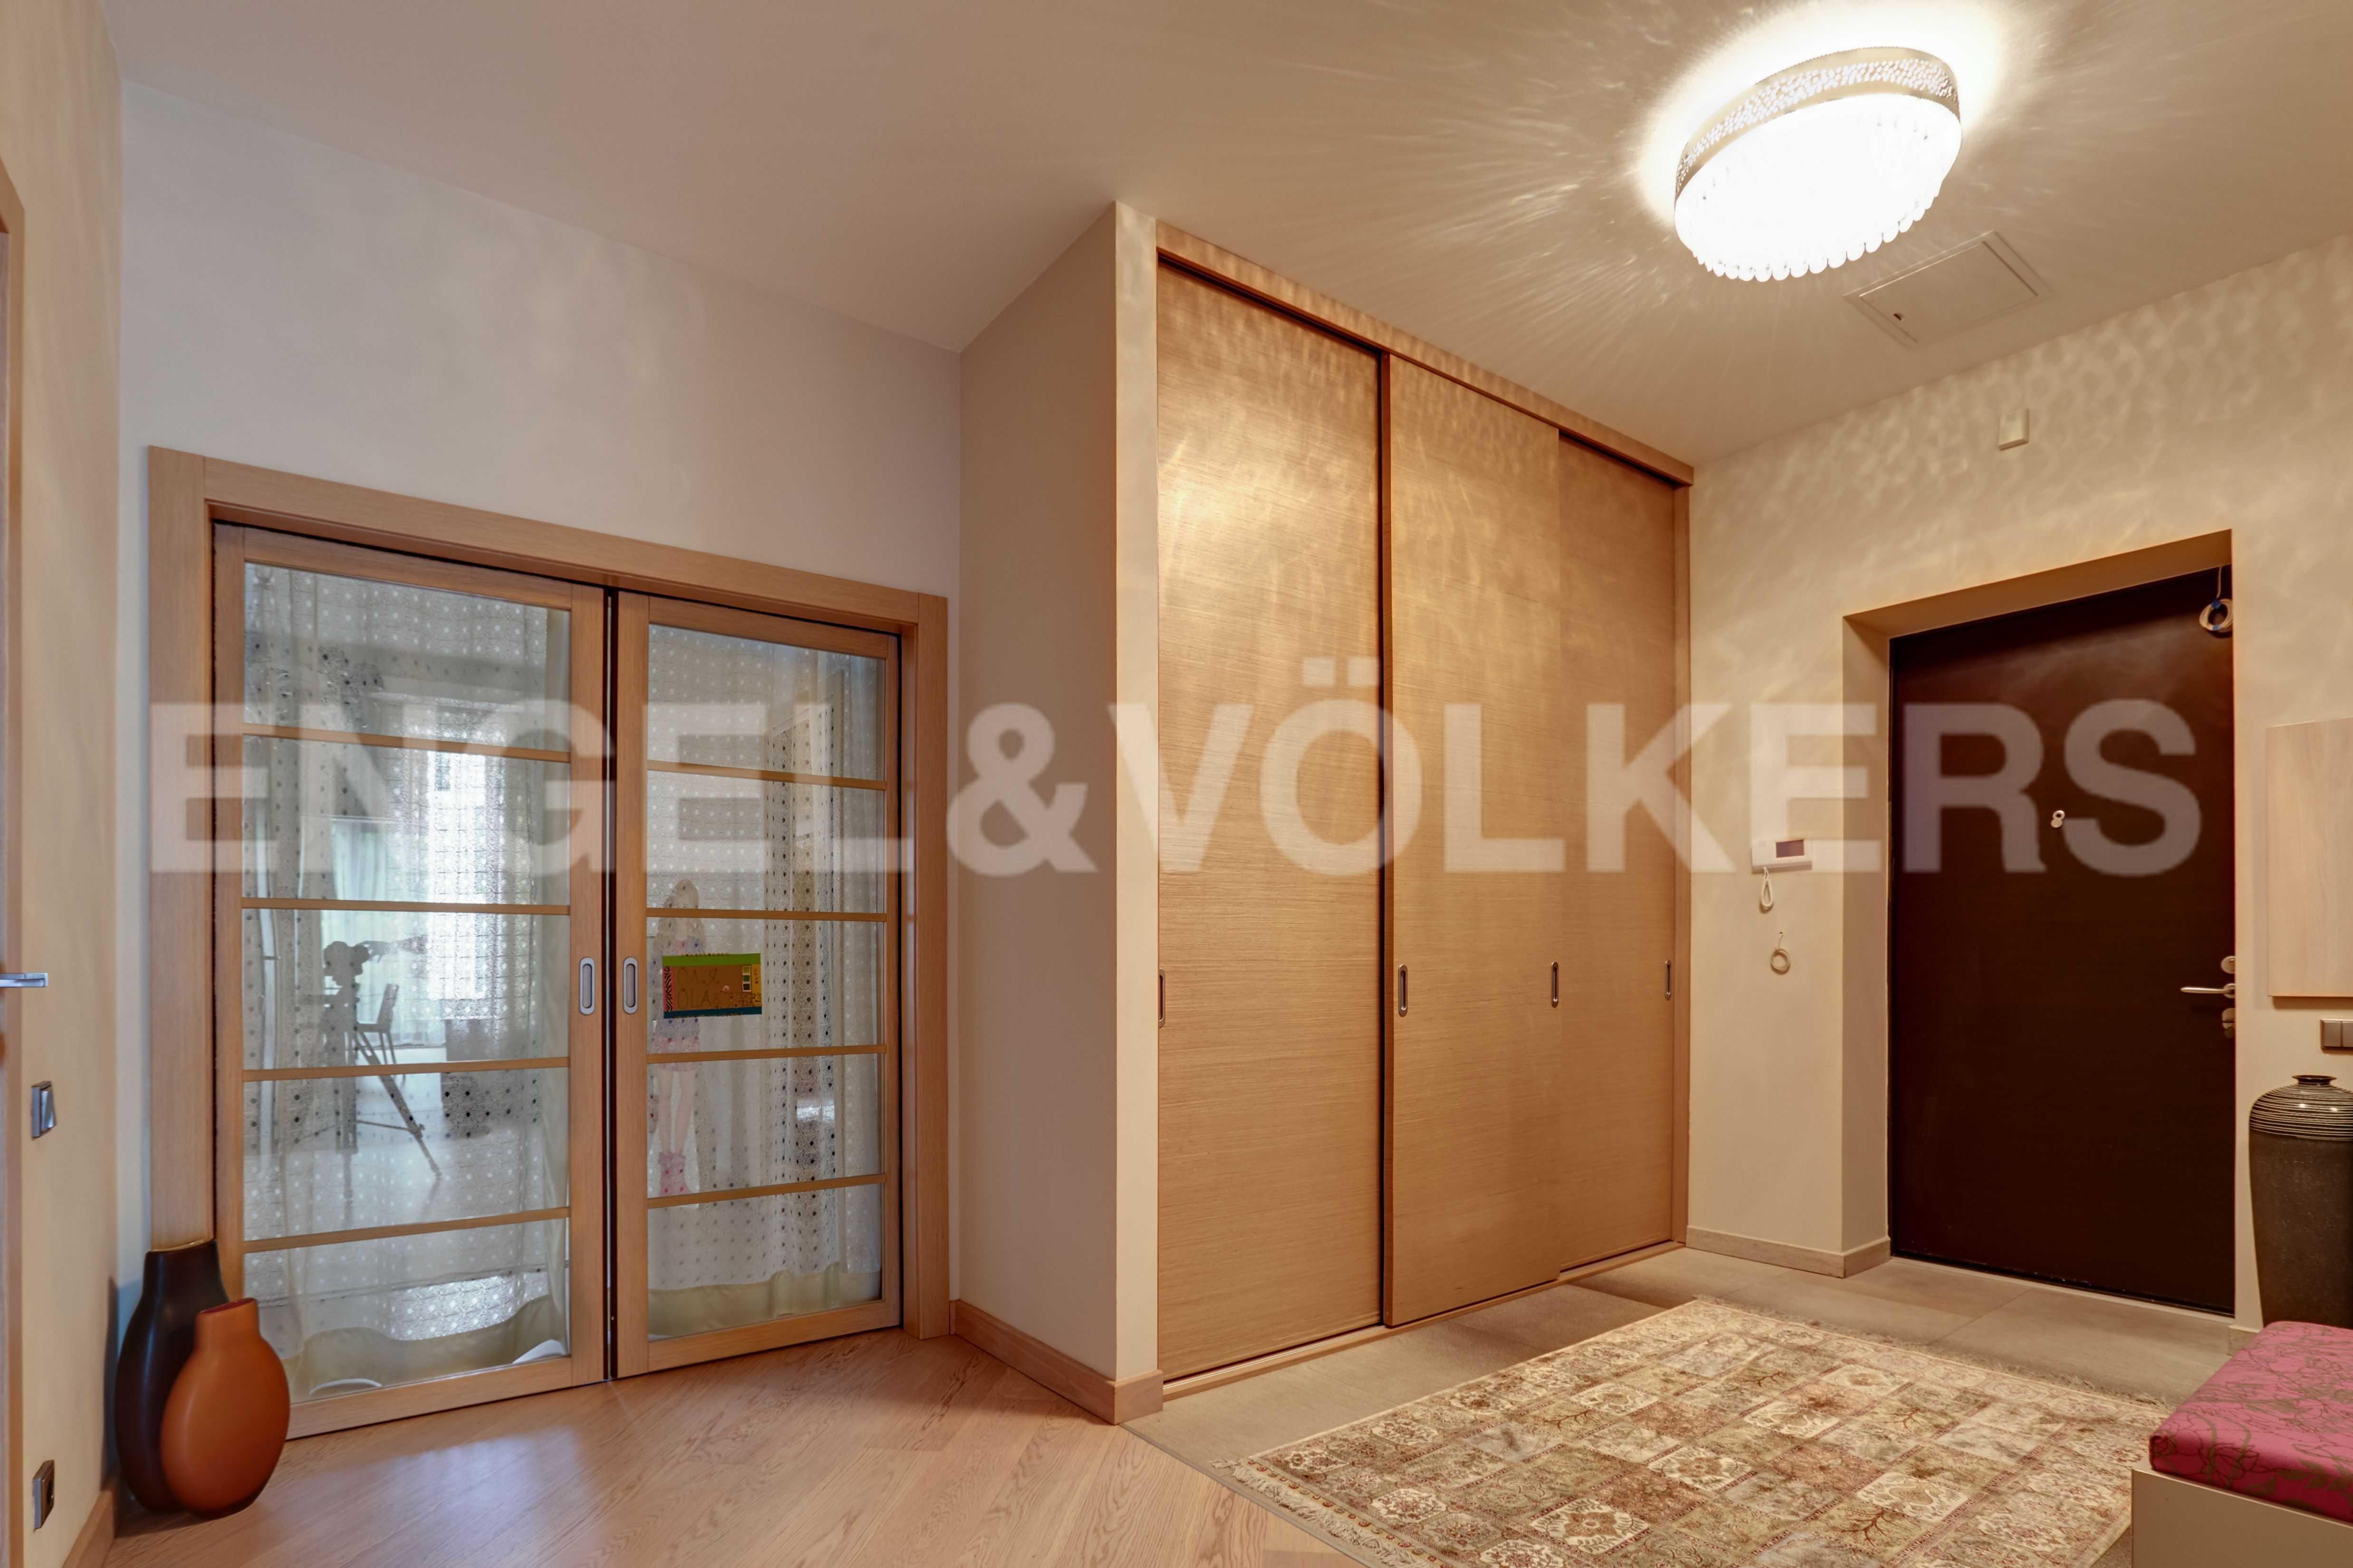 Элитные квартиры на . Санкт-Петербург, наб. Мартынова, 74. Холл-прихожая